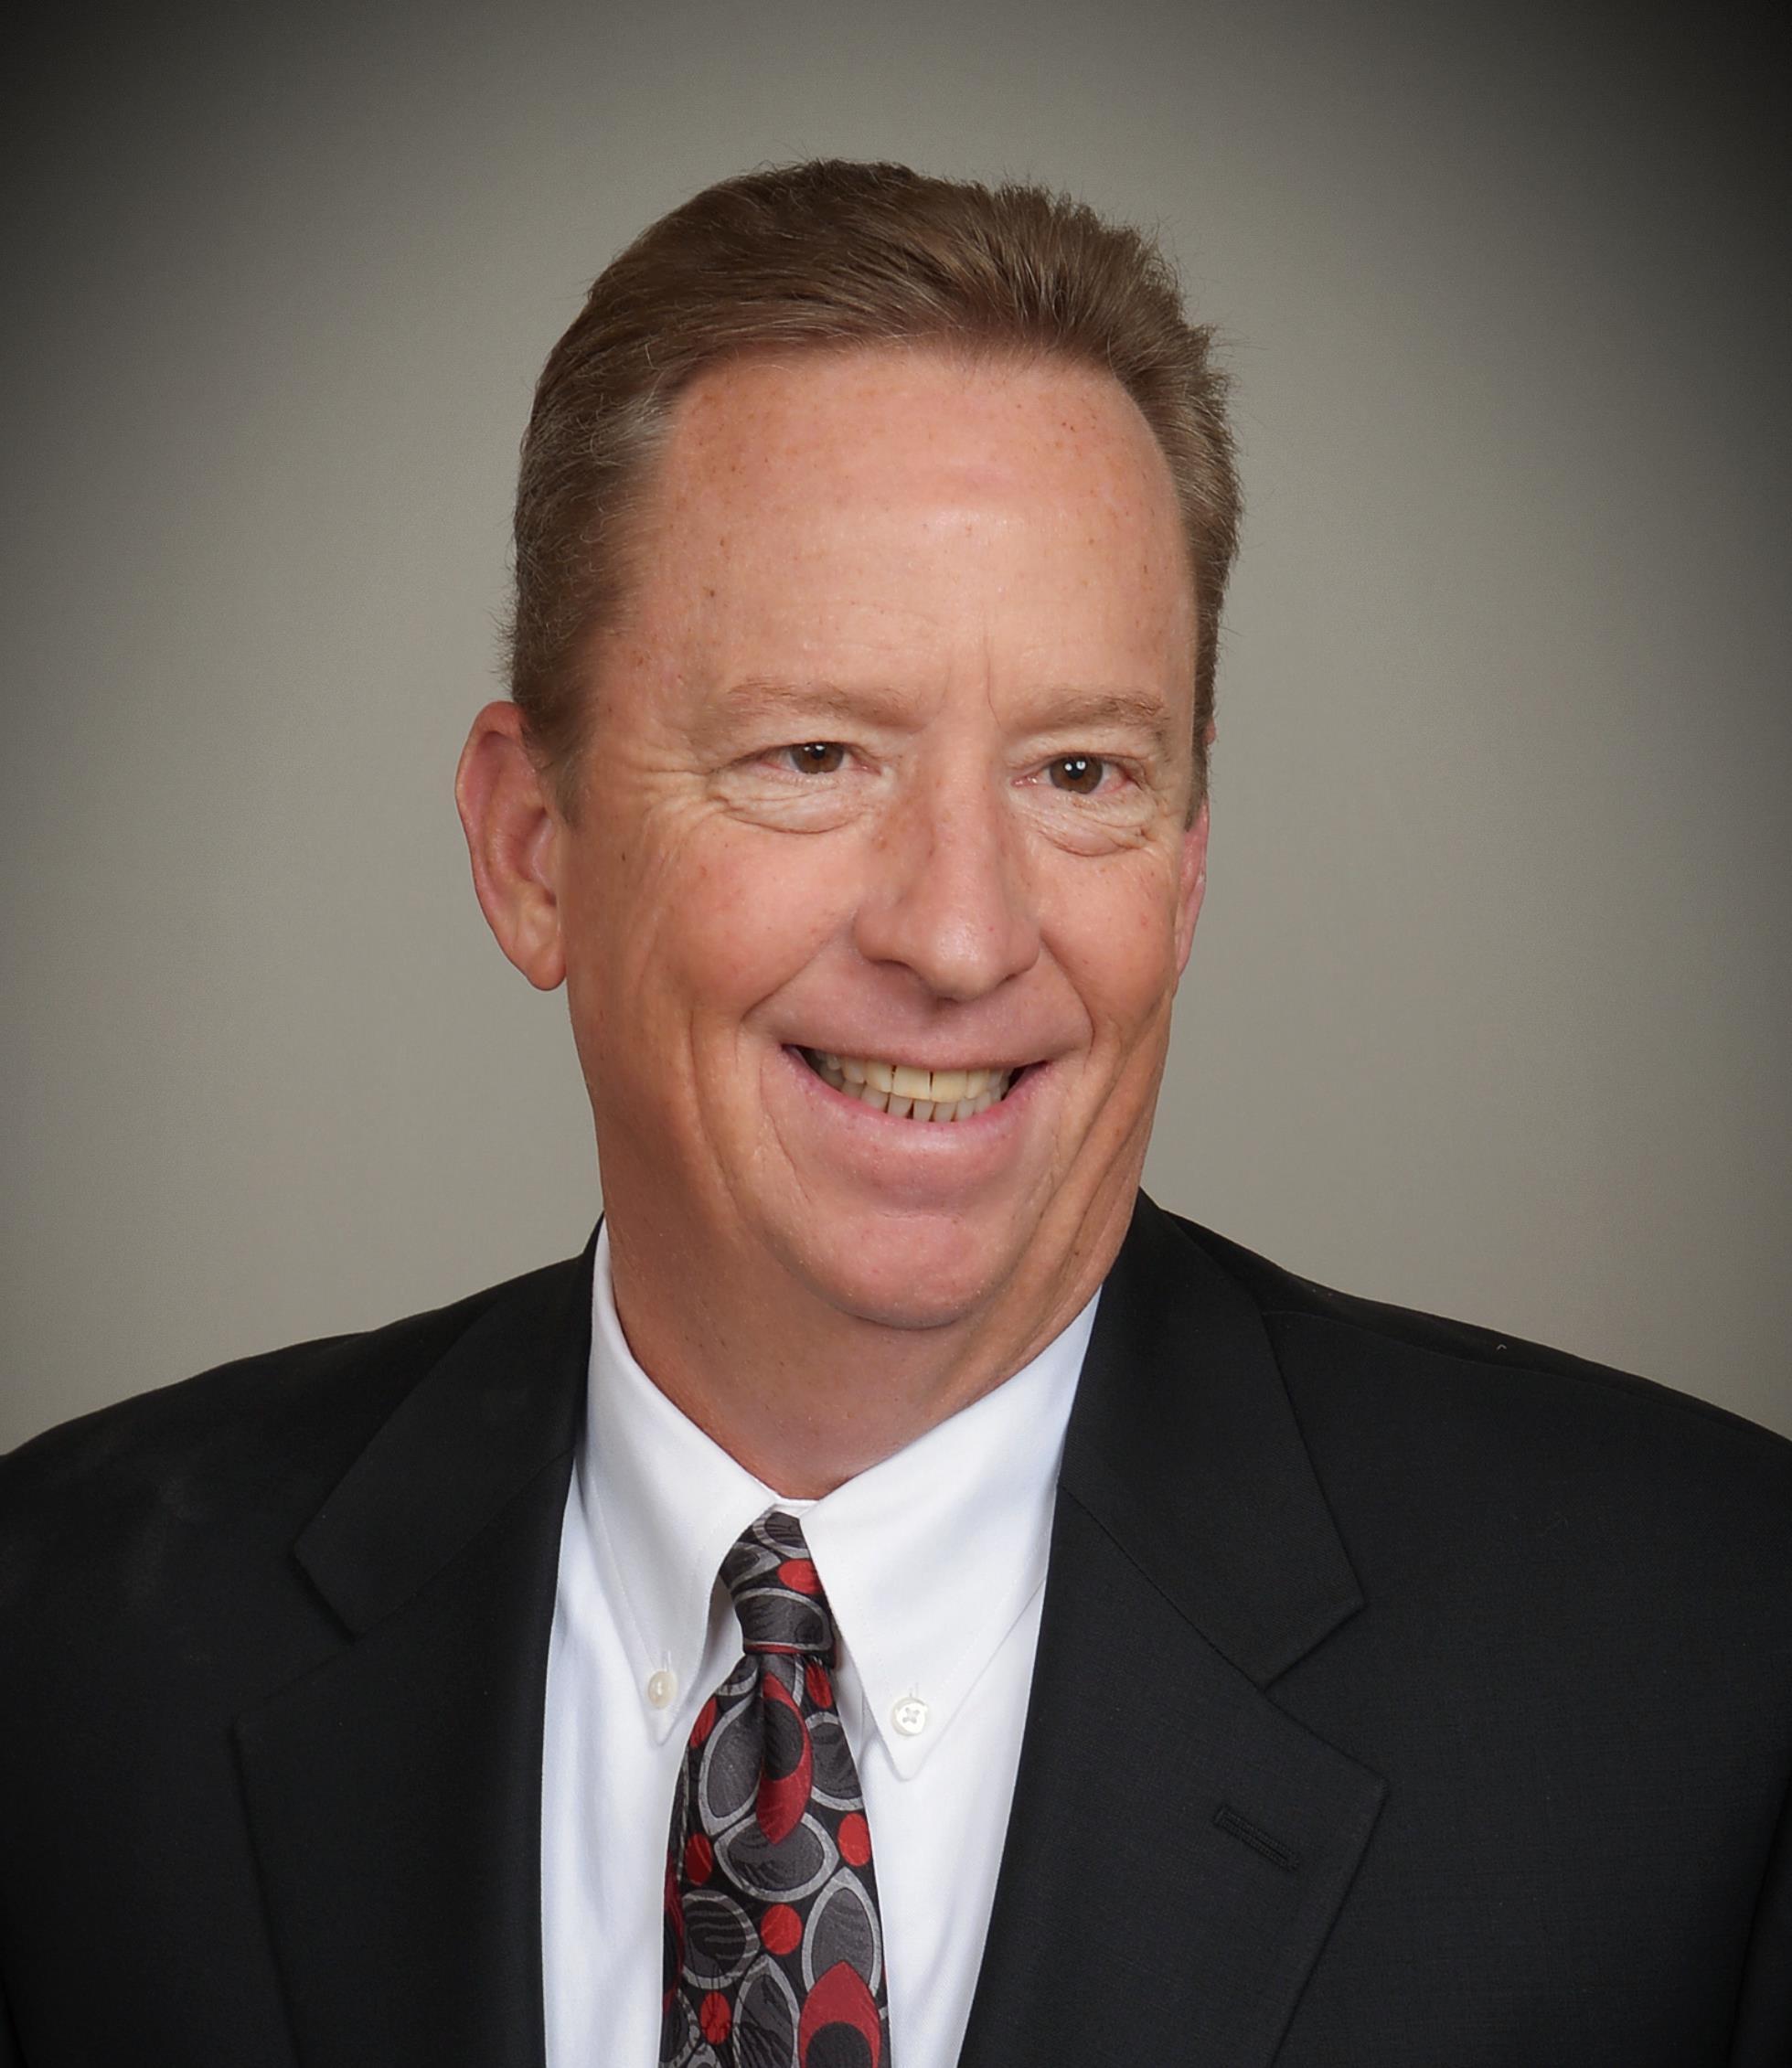 Jim Steimer